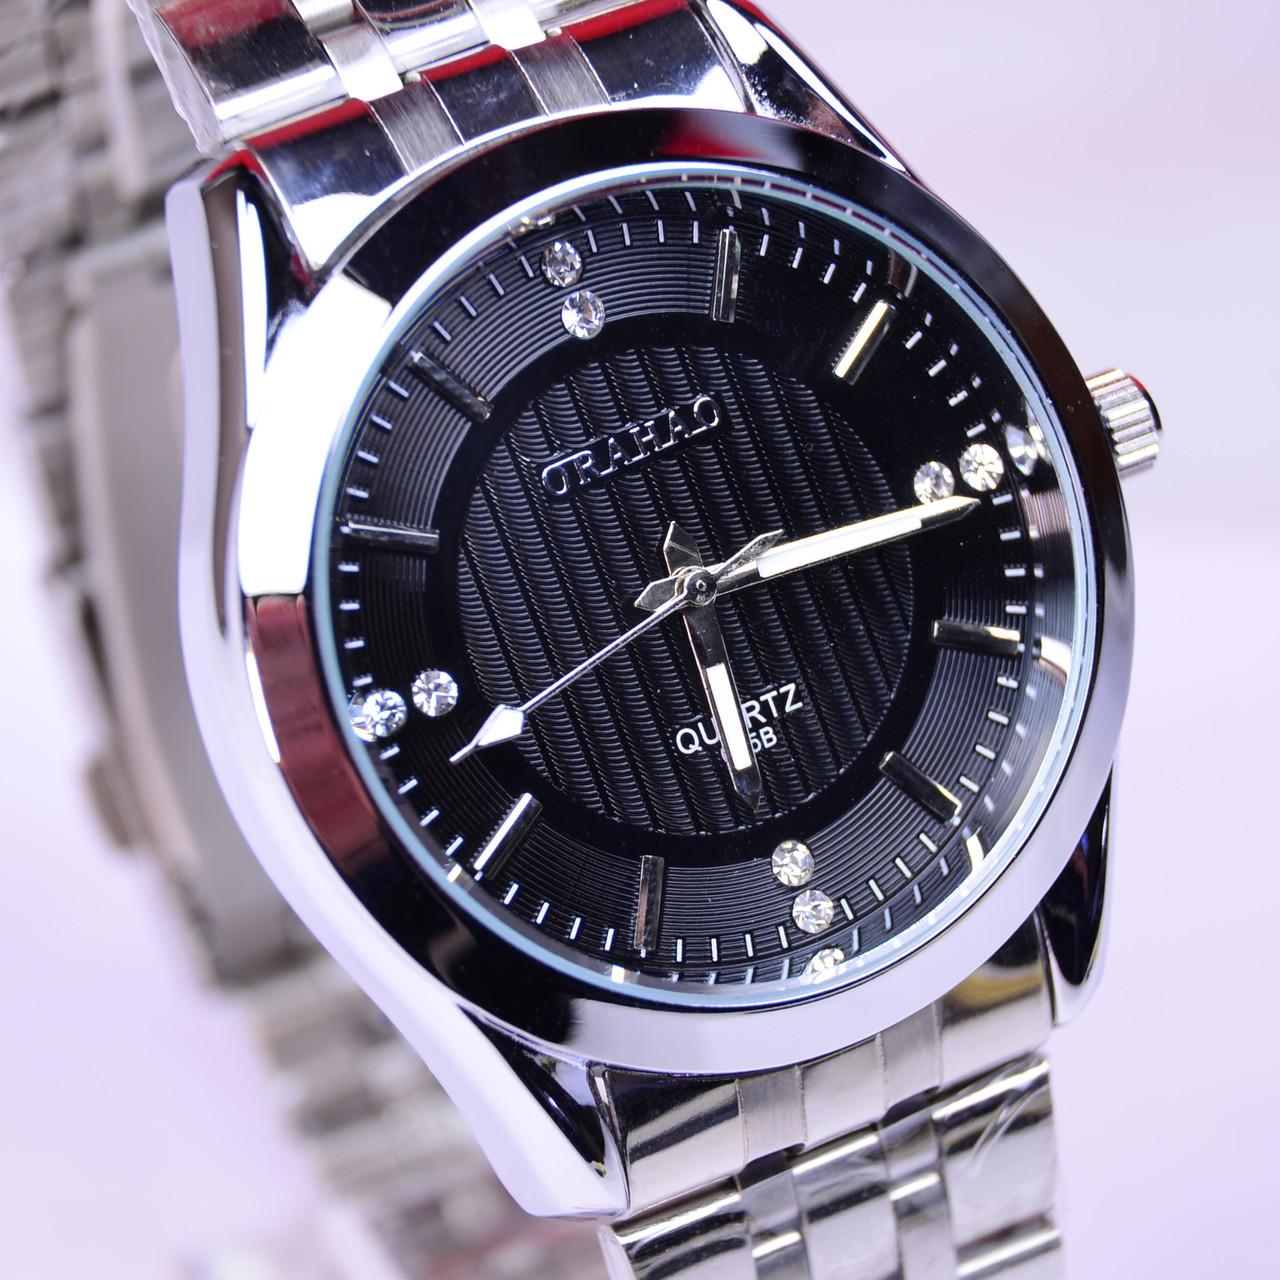 Мужские наручные часы Orahao черный циферблат